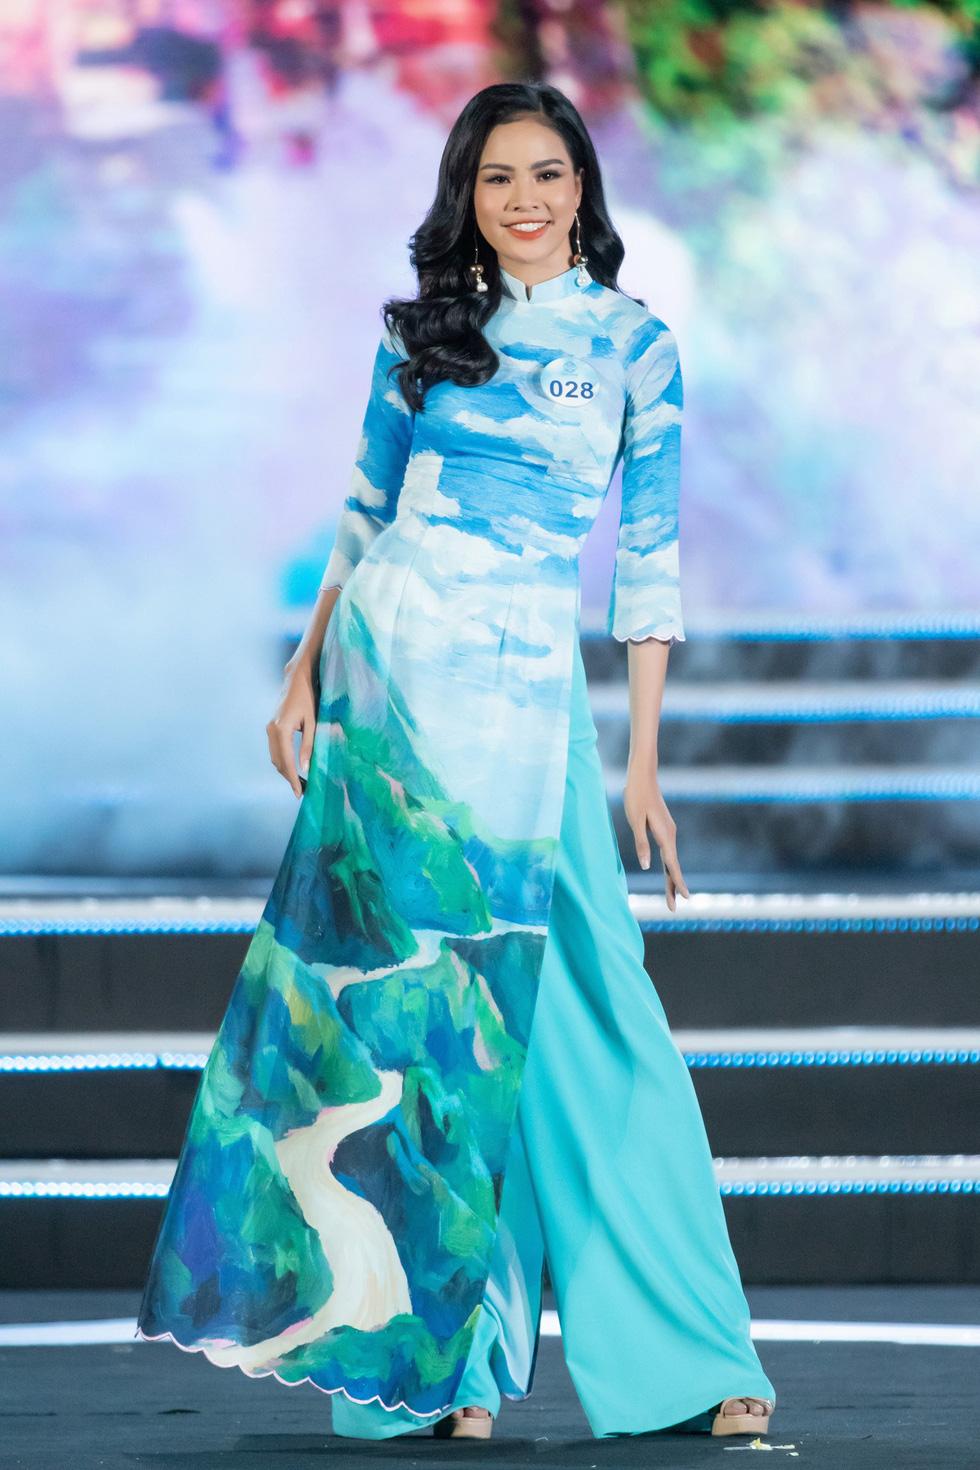 Bộ sưu tập áo dài đèo Hải Vân giúp Lương Thùy Linh đăng quang - Ảnh 7.